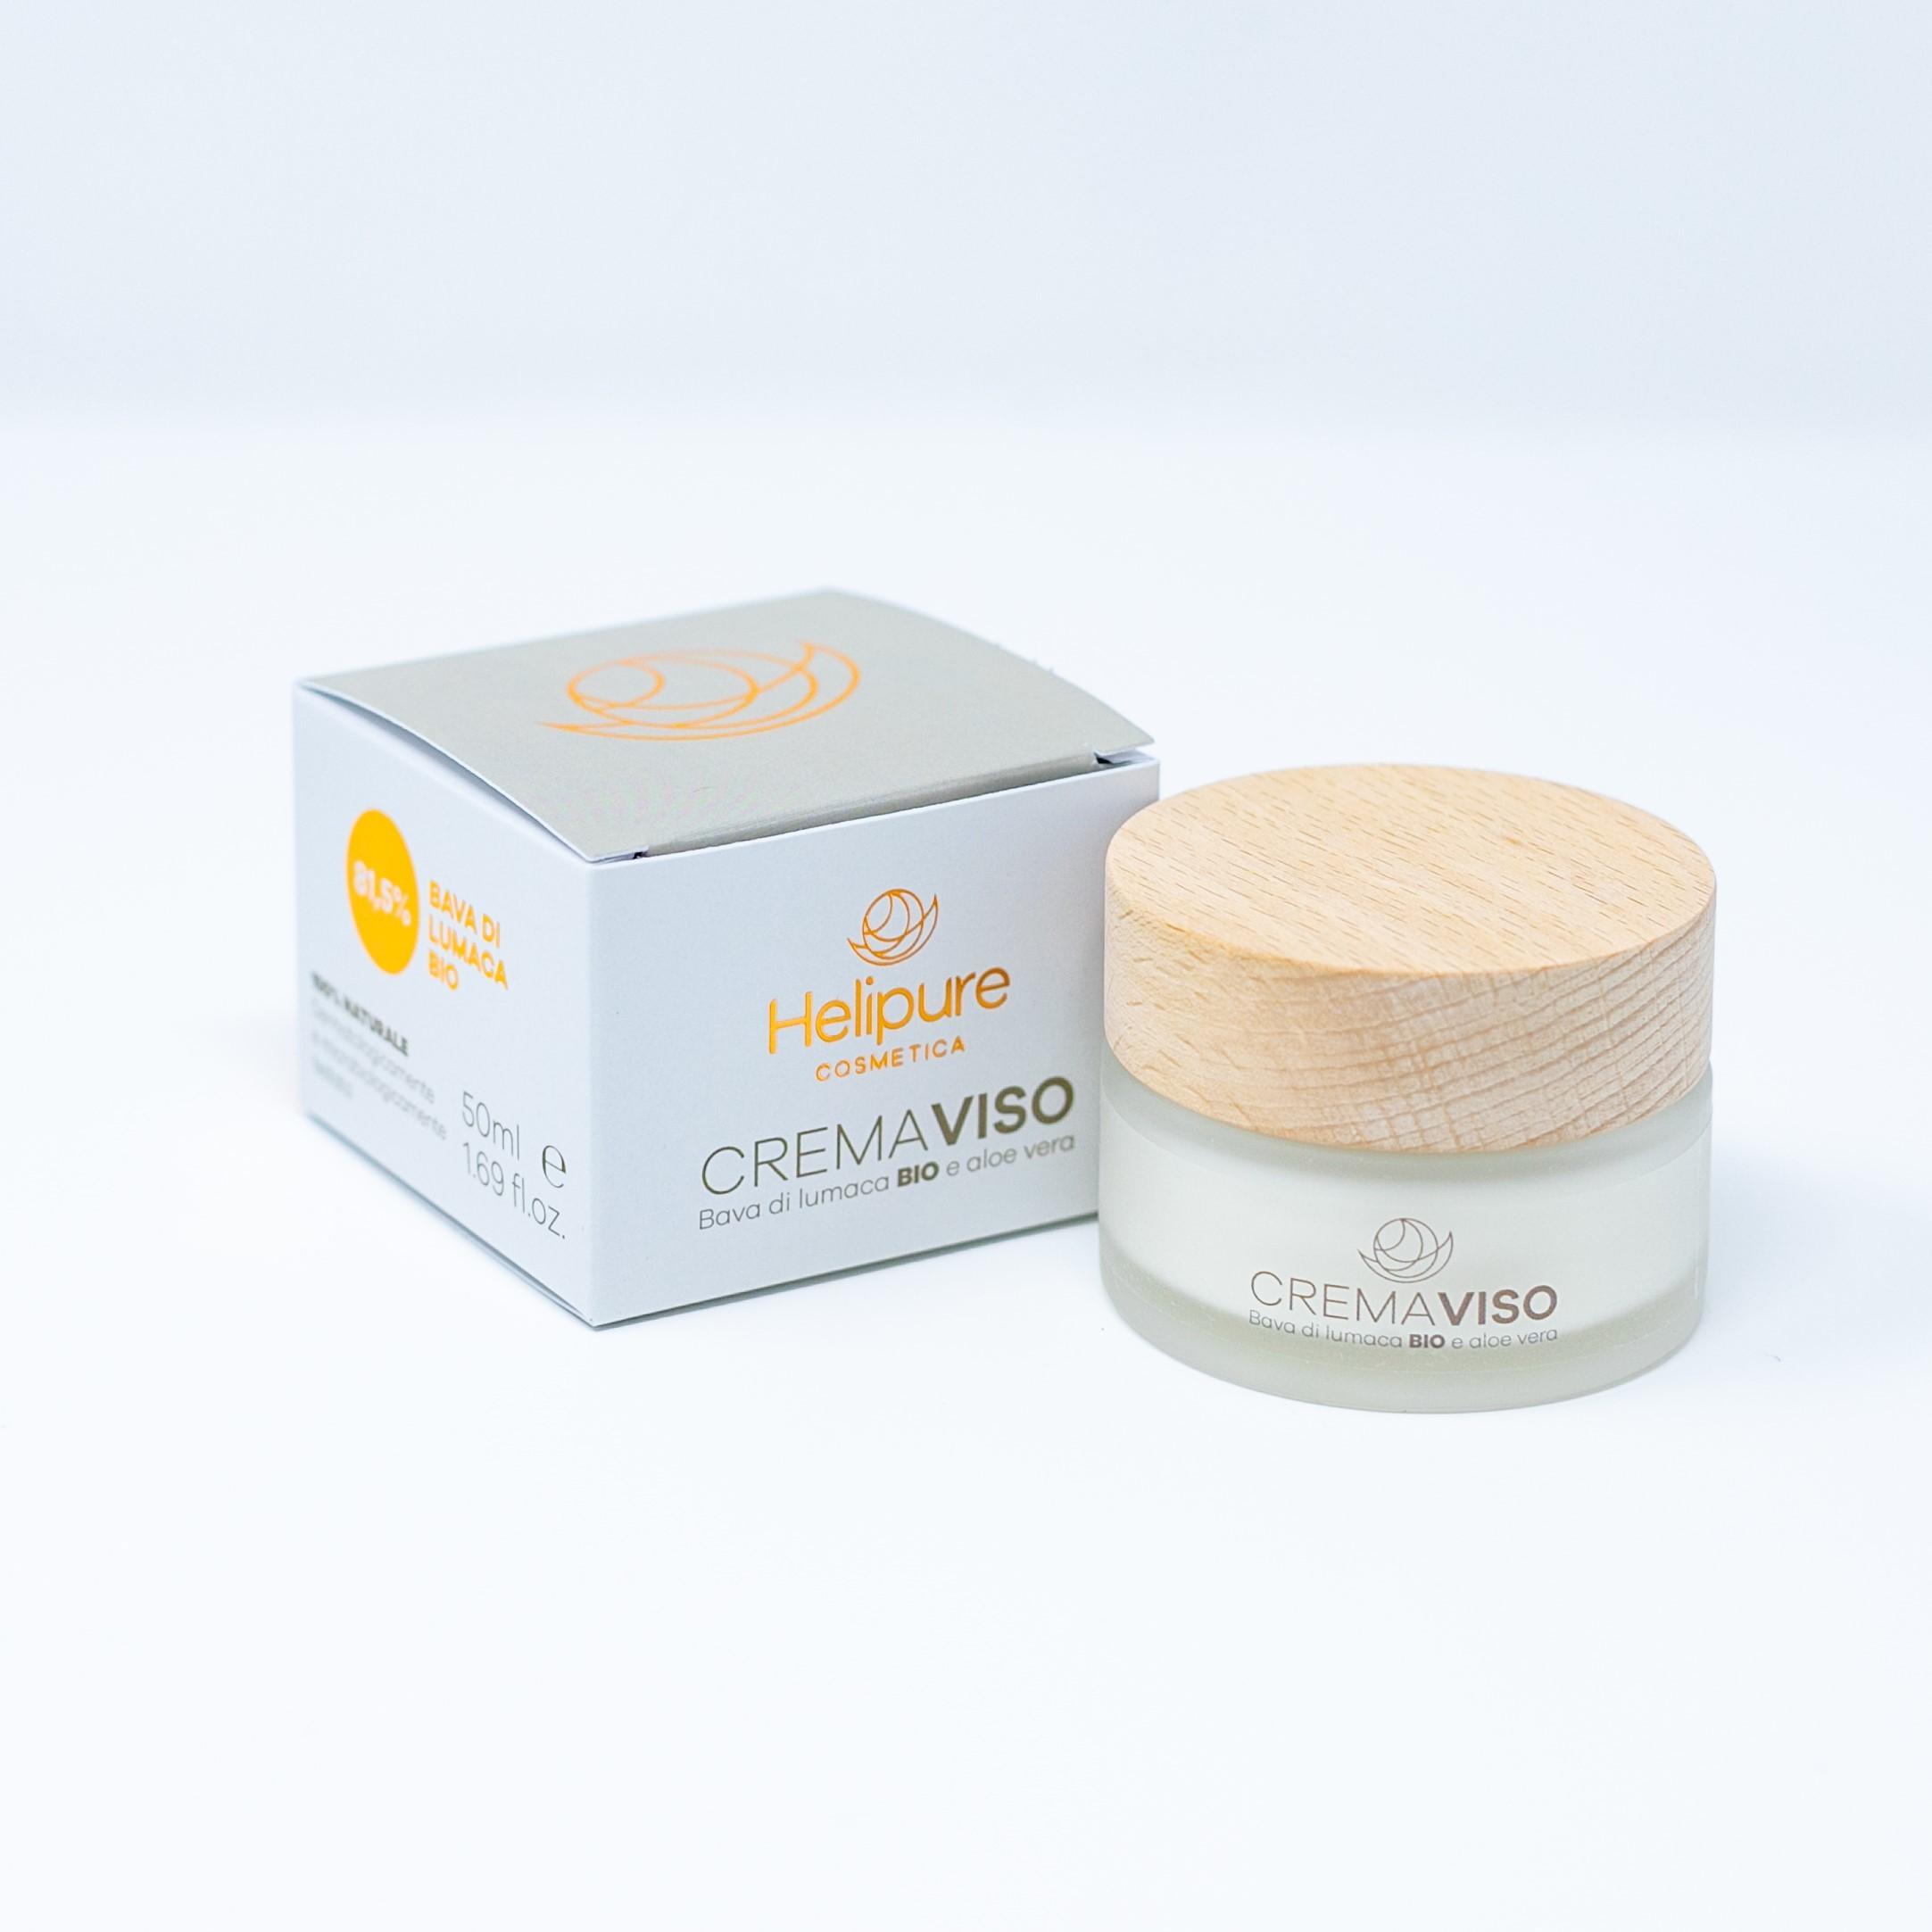 Crema Viso alla Bava di Lumaca 81,5% e Aloe Vera CRV